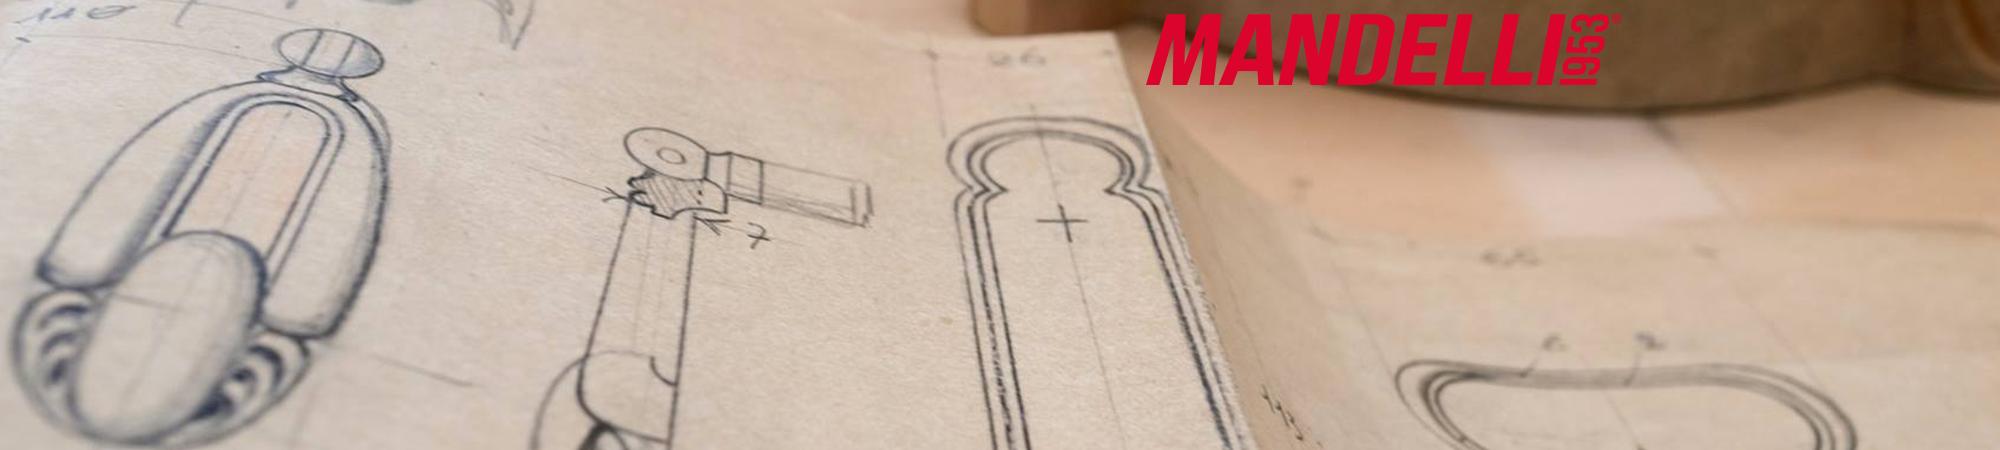 Mandelli ontwerpen van deurkrukken